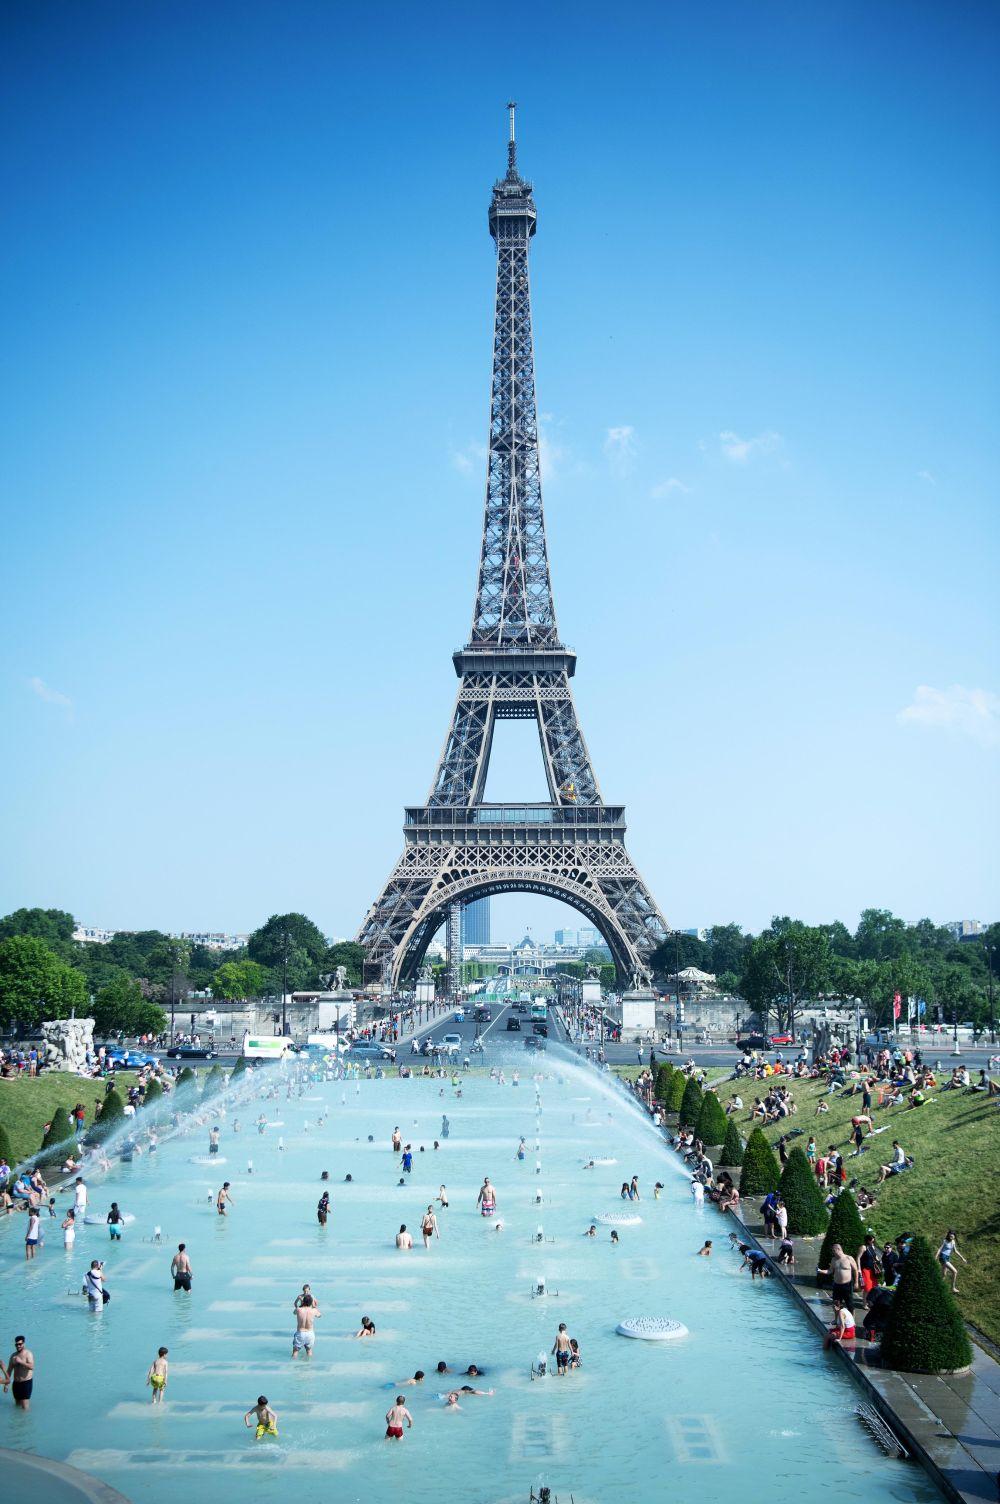 6月26日,在法國巴黎,人們在特羅卡德羅公園噴泉池消暑。新華社發(杰克·陳攝)